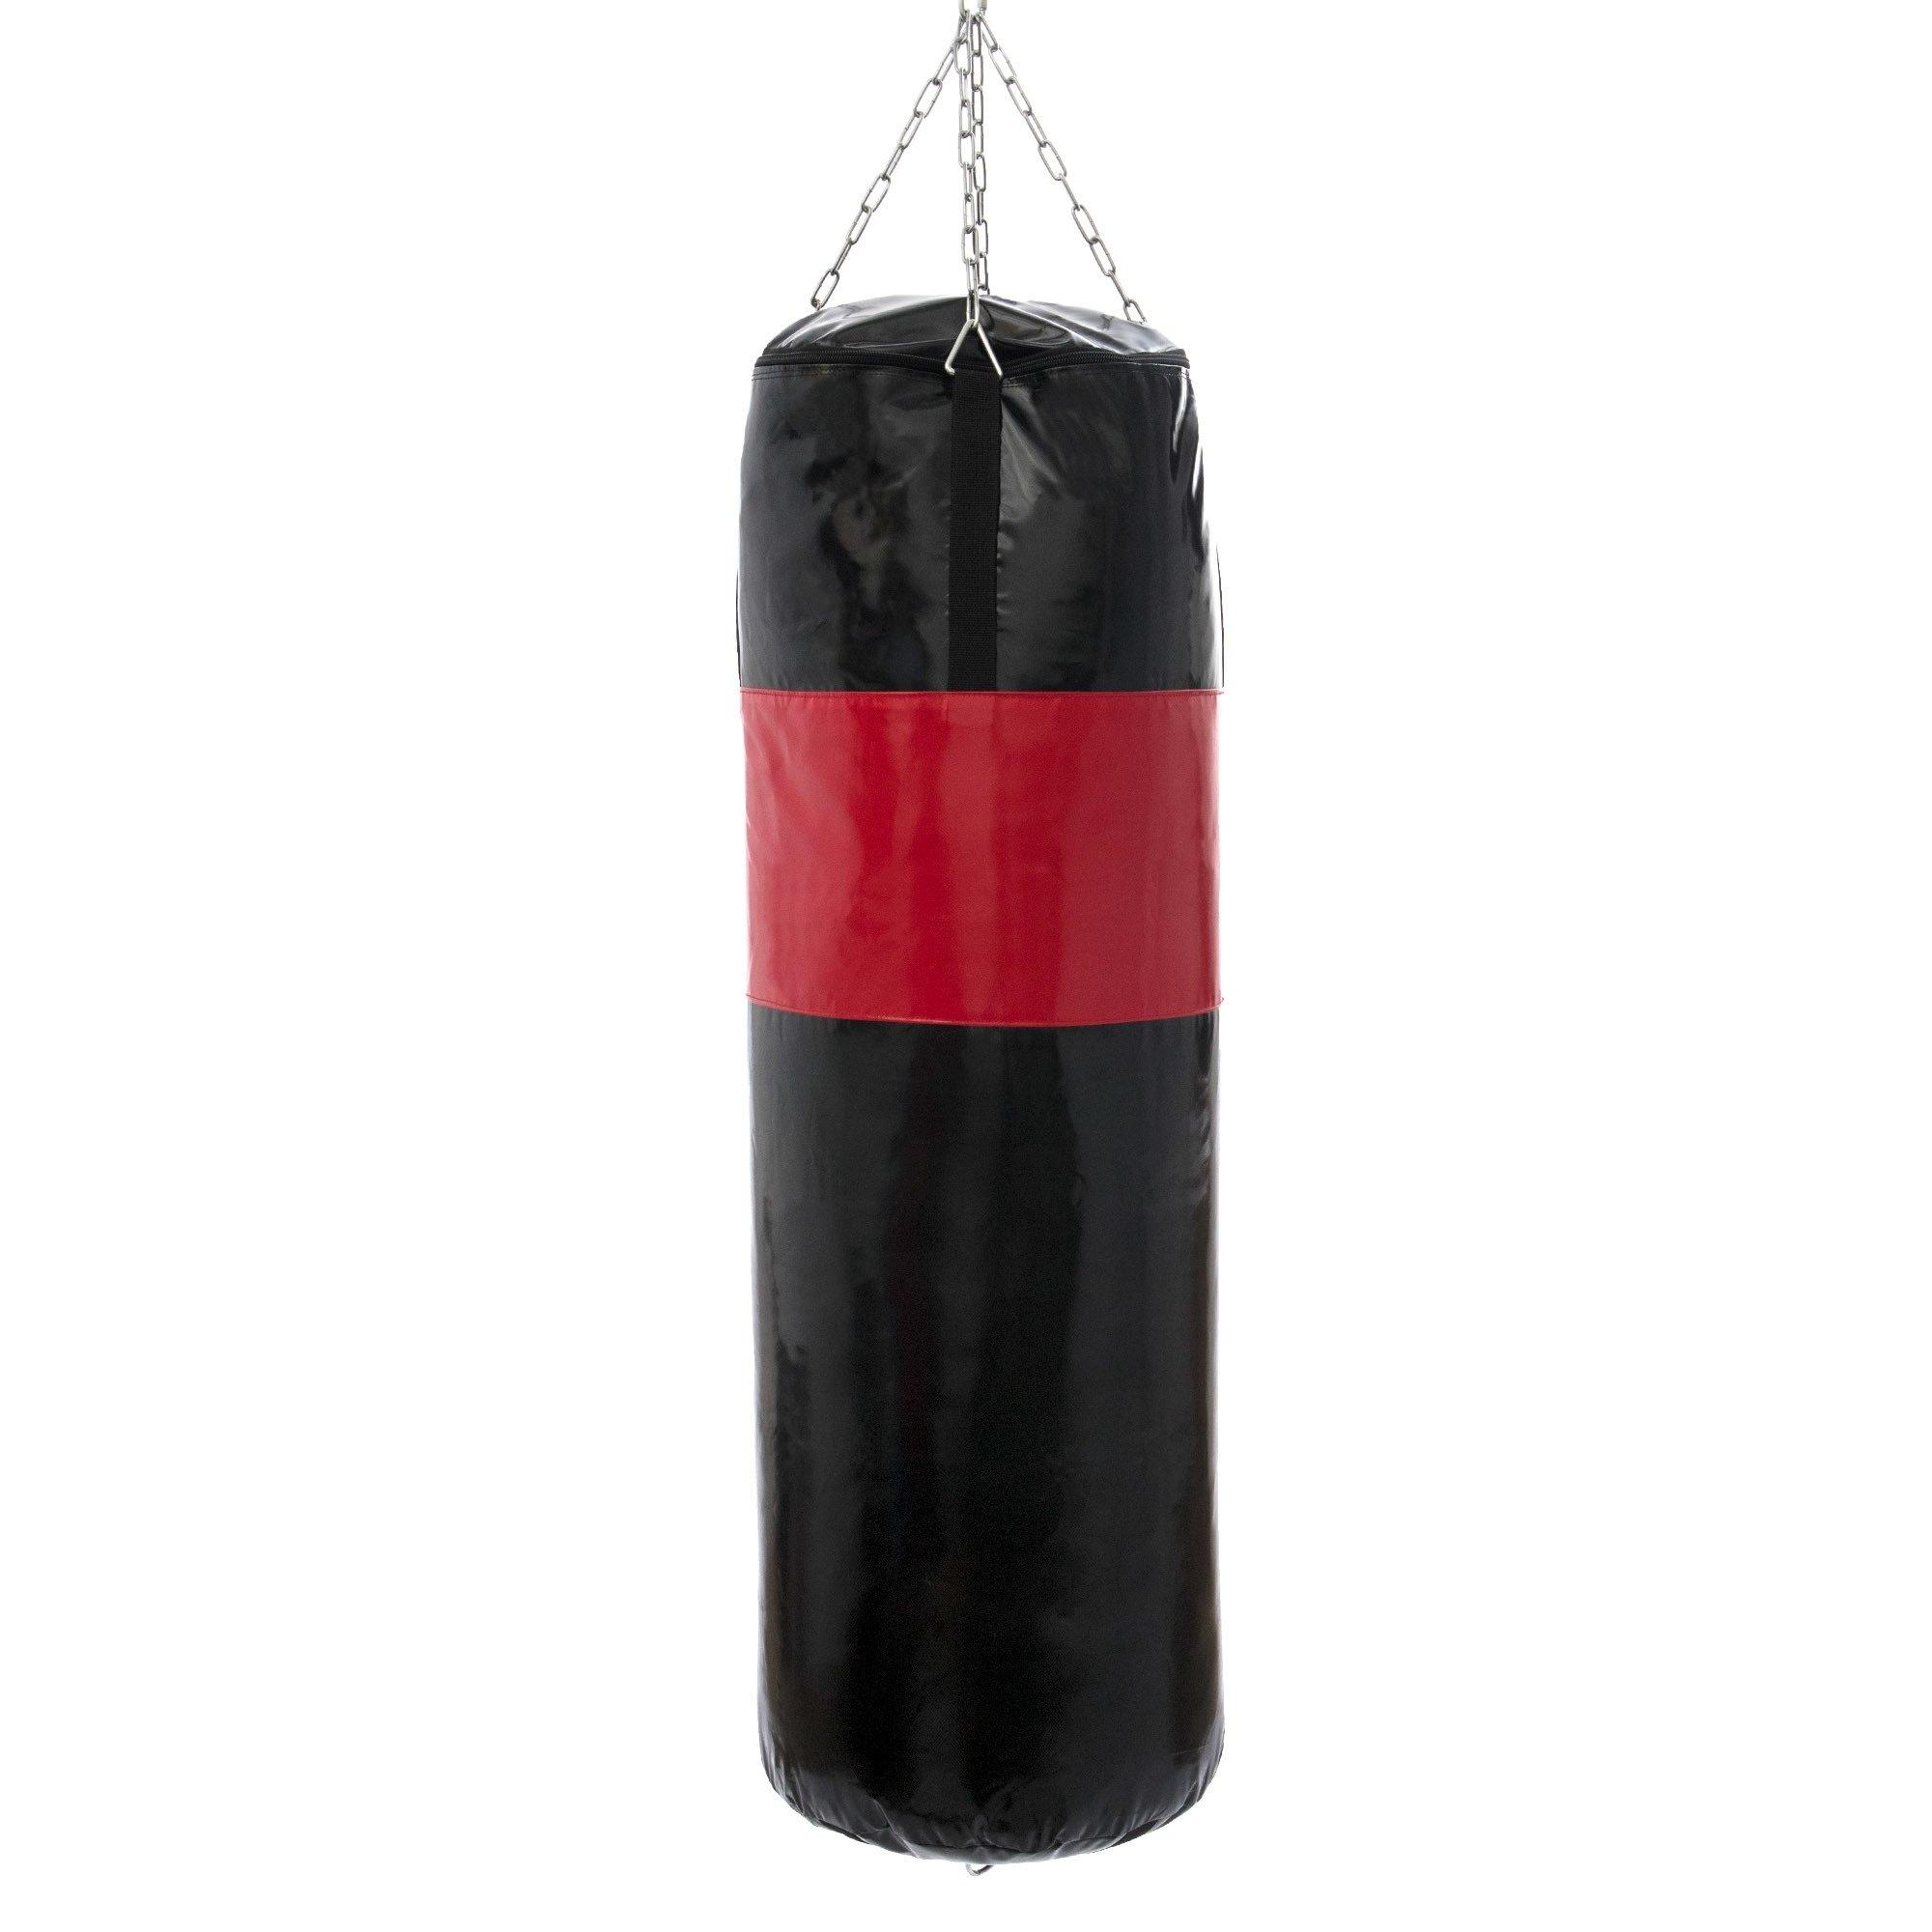 Image of Worek bokserski wzmocniony 180 cm fi45 cm + torpeda mc-w180|45-ex - marbo sport